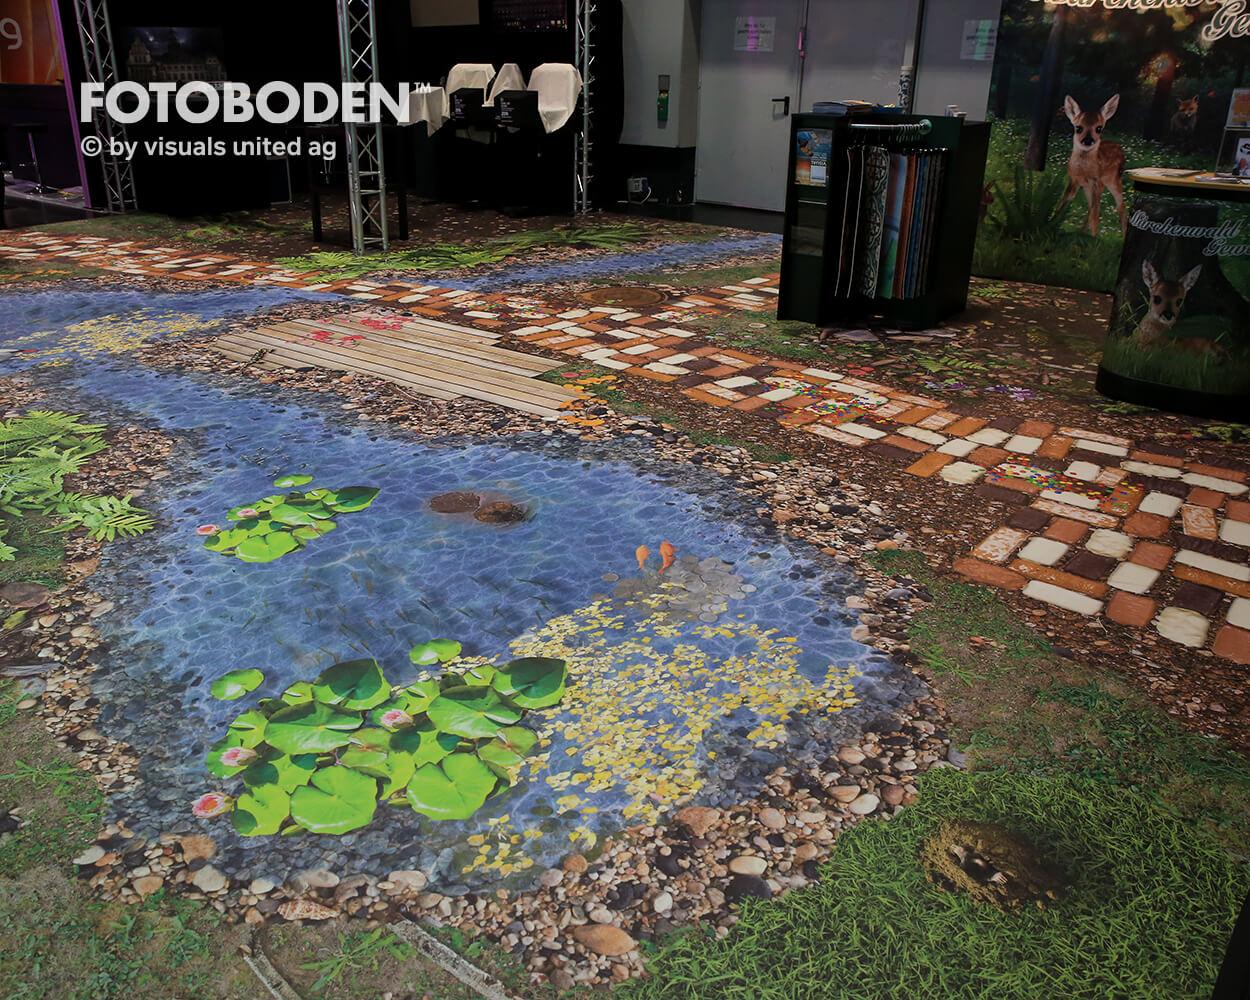 BOE2018 4 Fotoboden Messeboden Tradeshow Flooring Bodengestaltung Messe Bodendesign Messedesign Design Boden Messegestaltung